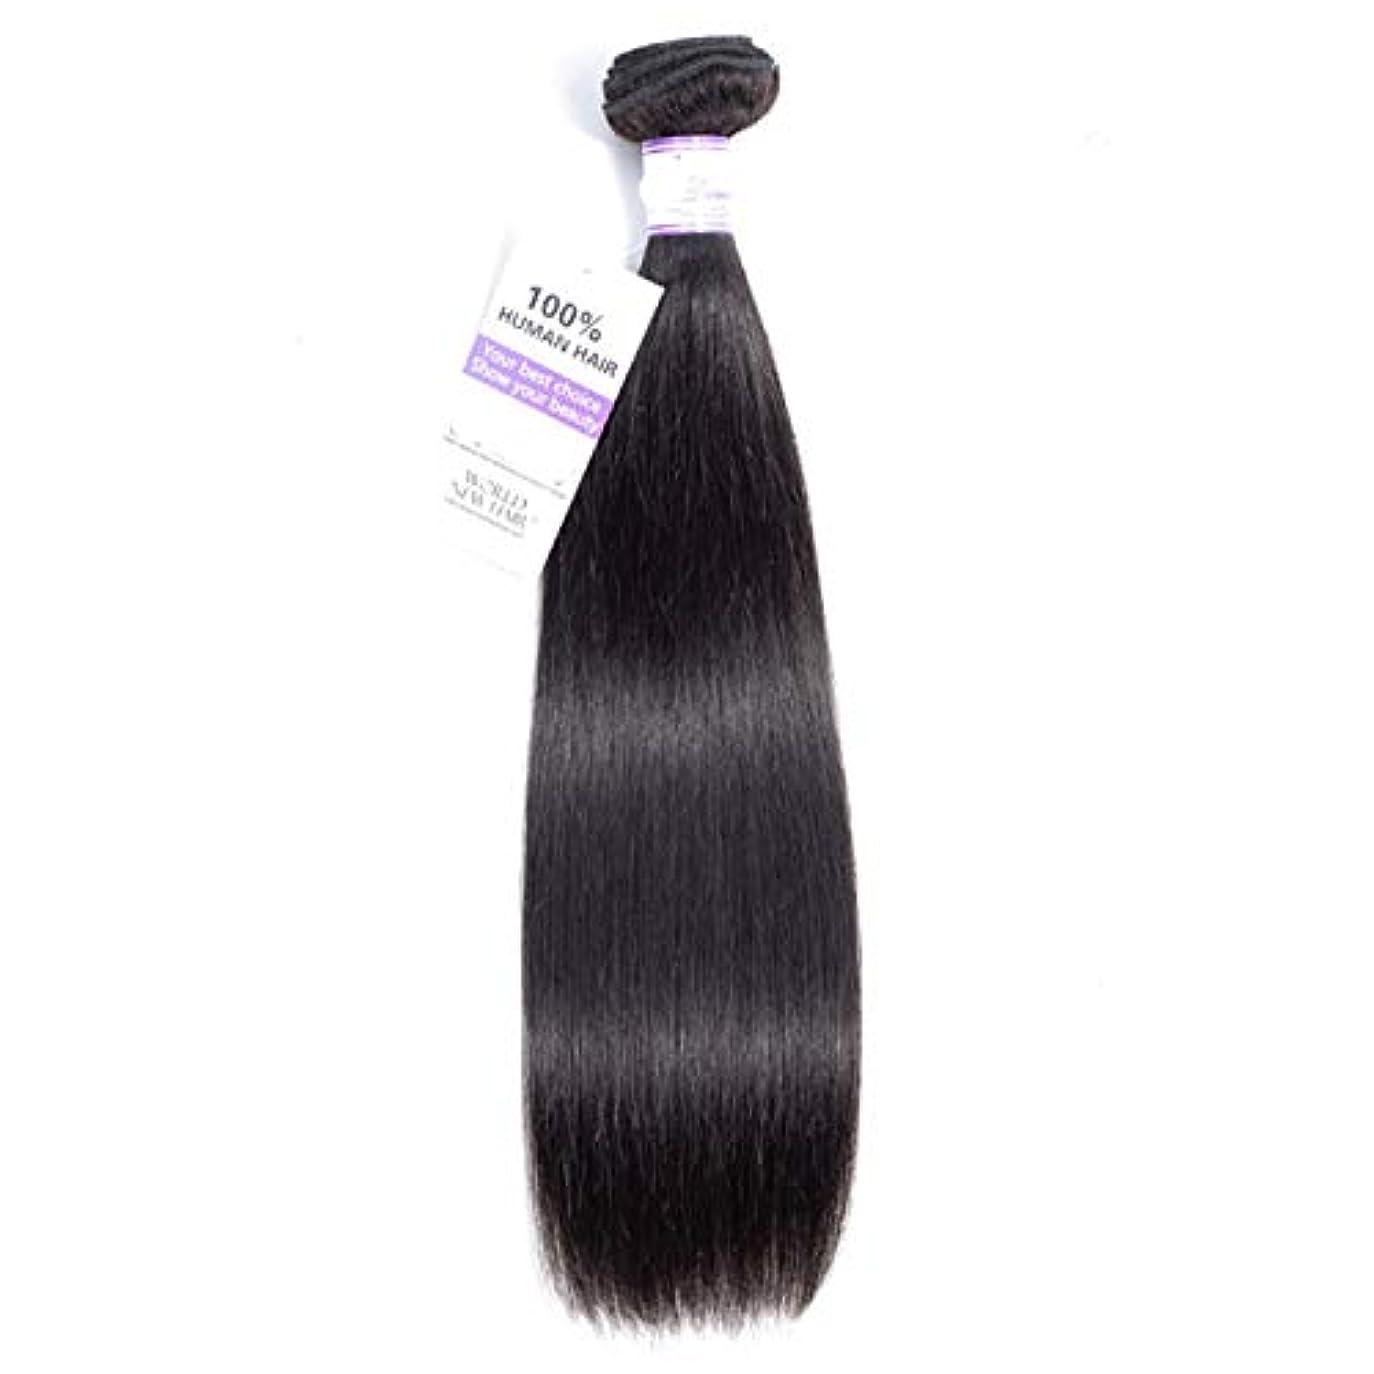 幸福否認するバドミントンブラジルストレートヘアバンドル8-28インチ100%人毛織りのremy髪ナチュラルカラー1ピース髪織り (Stretched Length : 22inches)